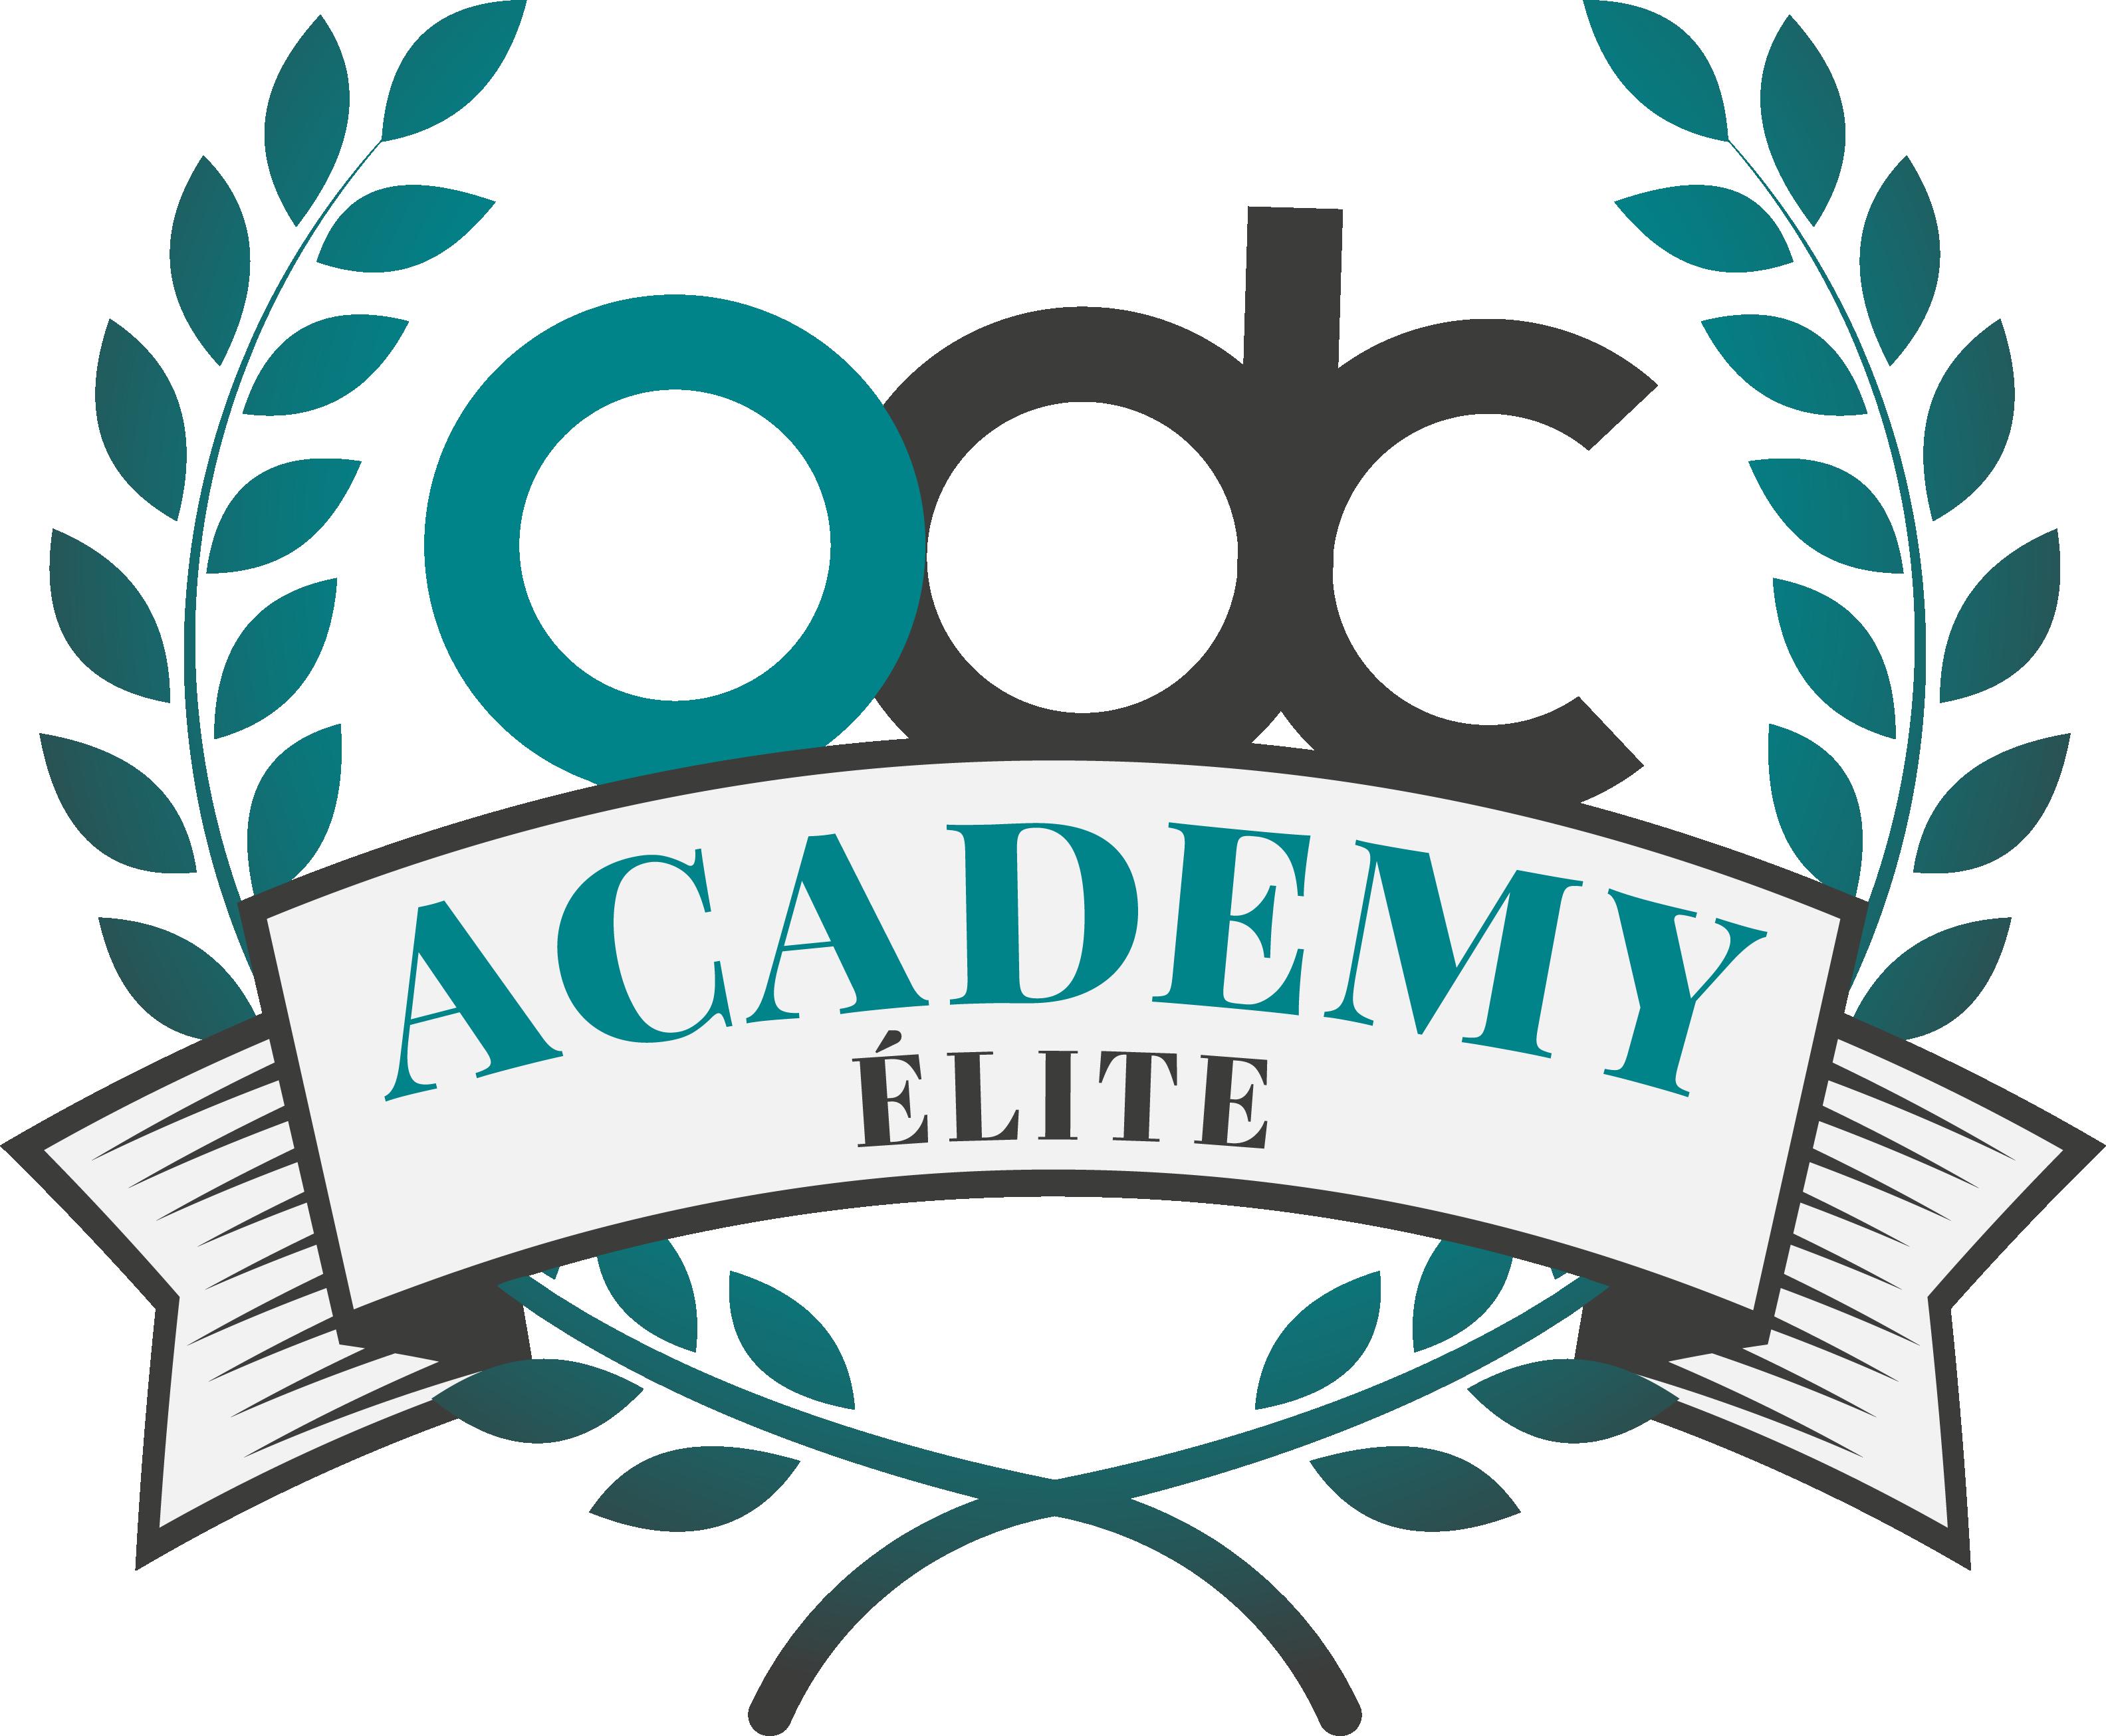 Logo_ODC-Academy_Elite2021-04